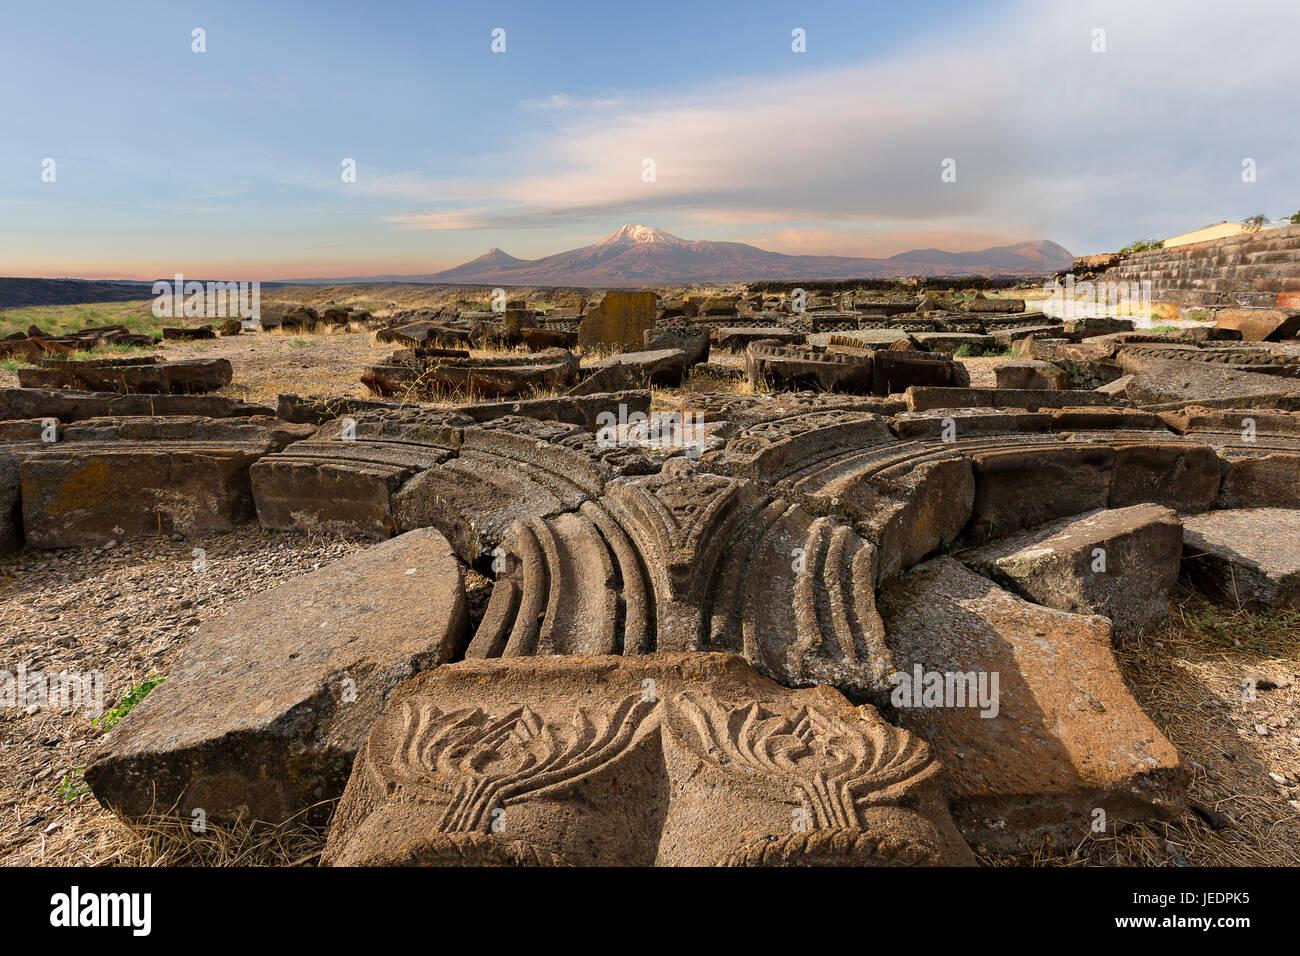 Ruínas do Templo de arqueológico Zvartnots com Mt Ararat no fundo, a Arménia. Imagens de Stock